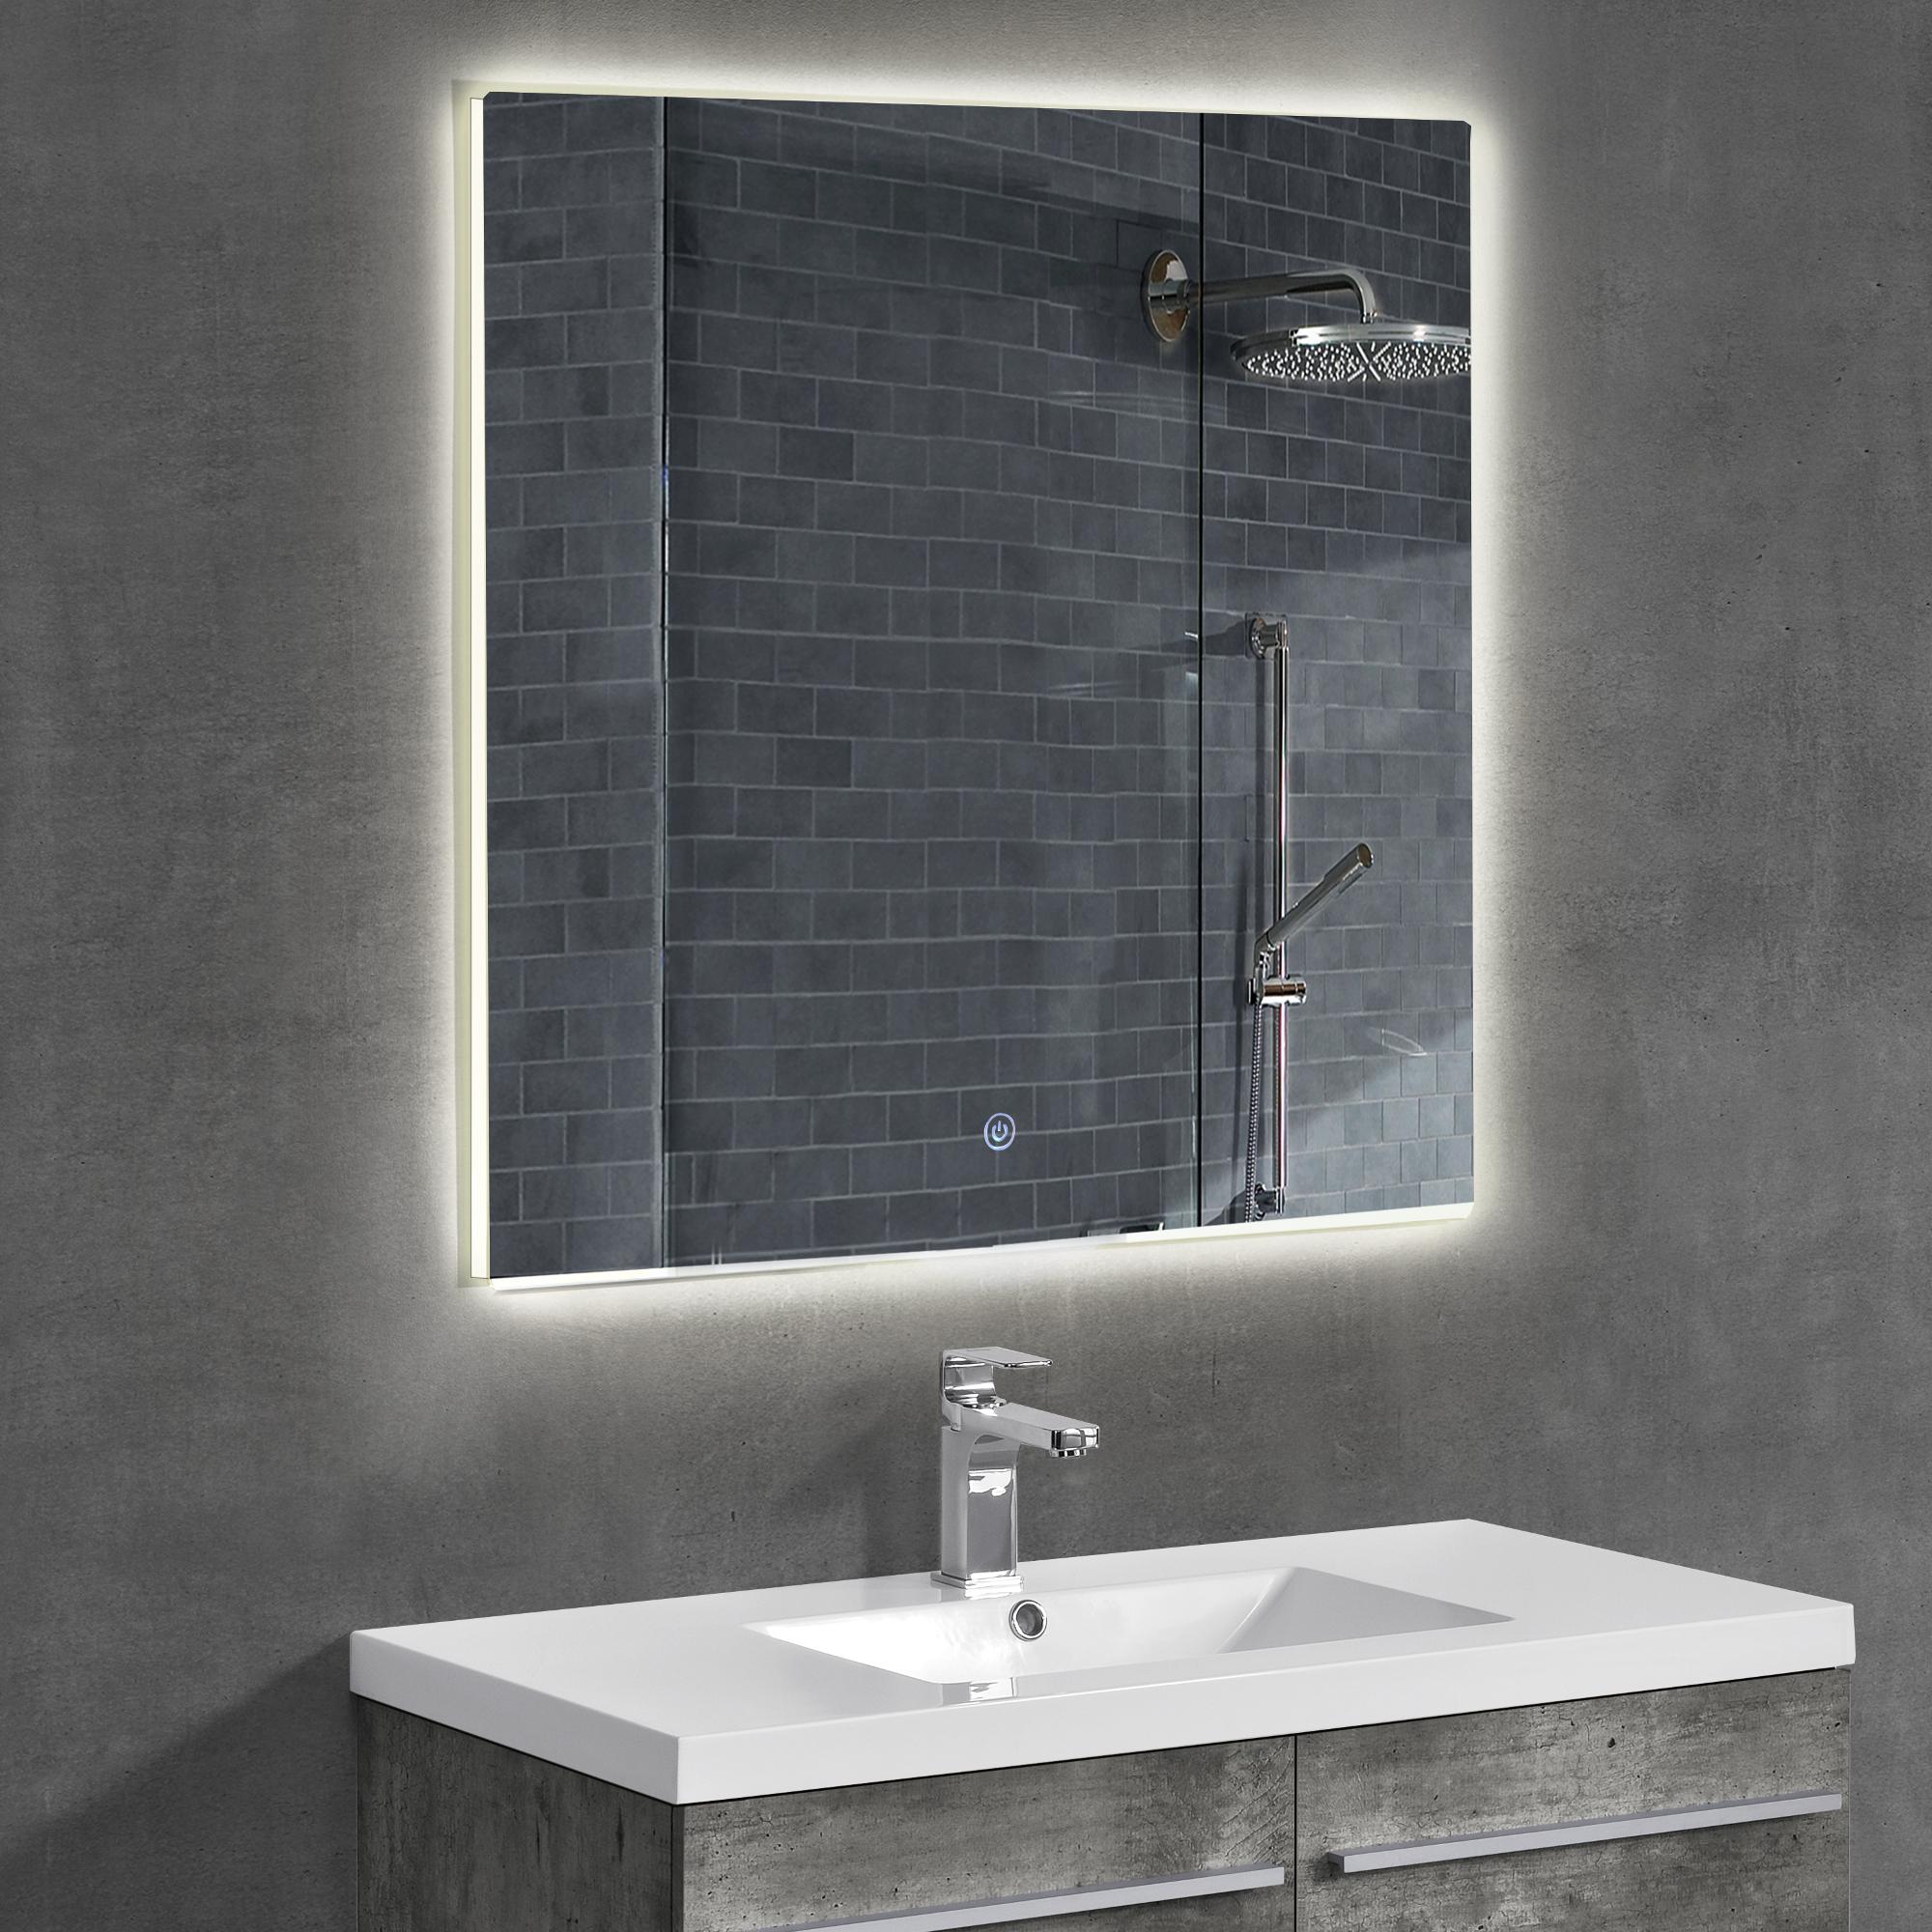 Led badezimmerspiegel wandspiegel spiegel for Espejos para bano con luz y repisa